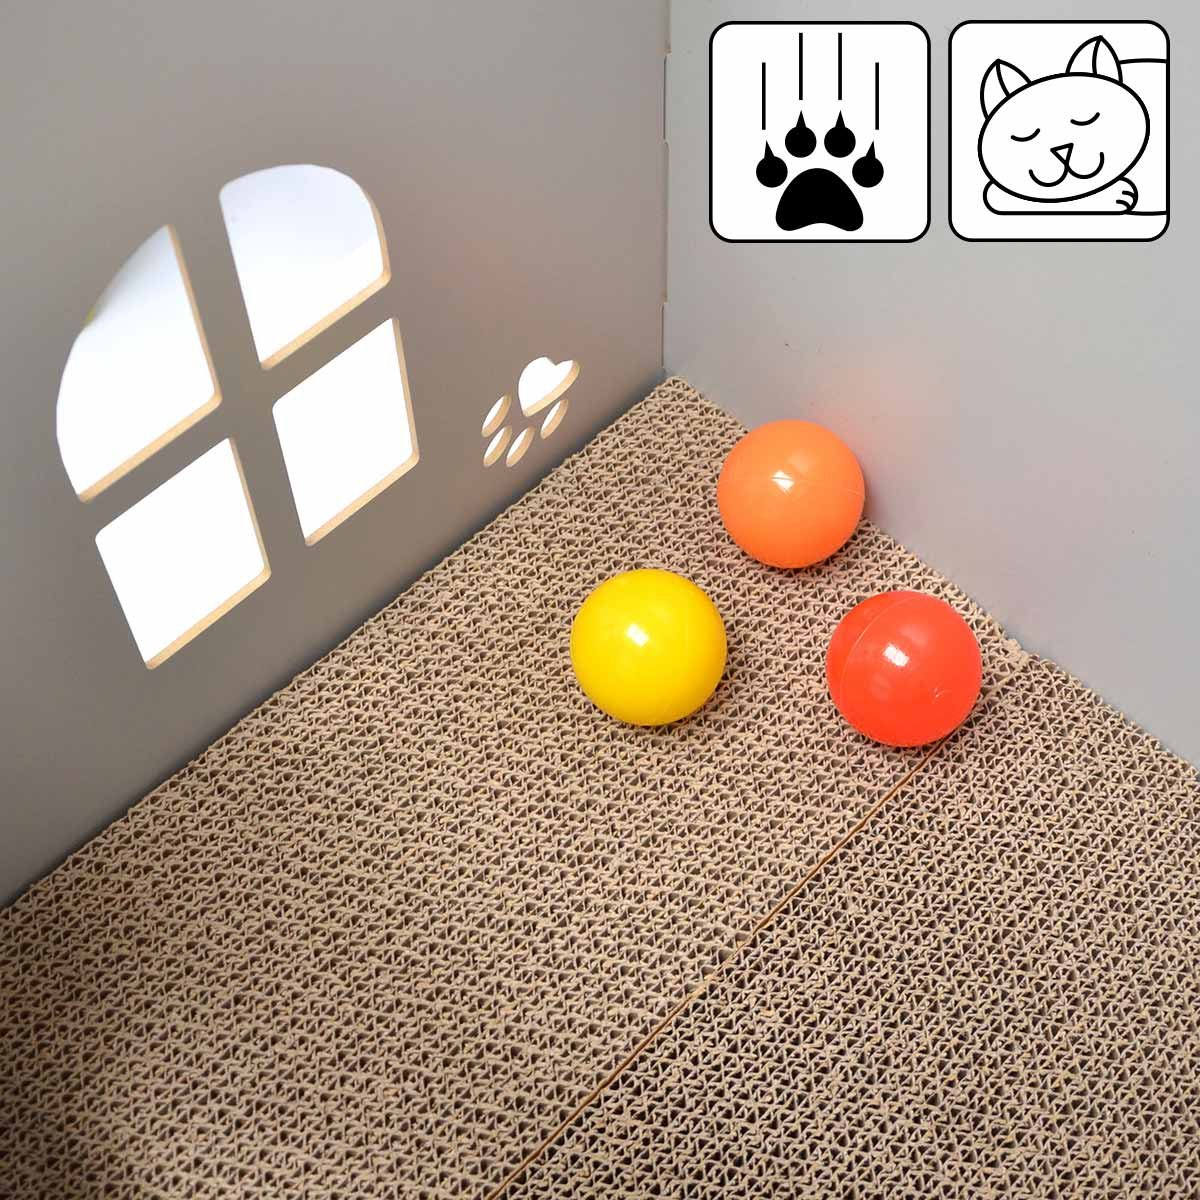 eyepower Cama para Gato 46x46x46cm talla grande L caja cuadrada para mascota con tapa acolchada para sentarse reposapiés incl alfombra rascadora Rojo: ...